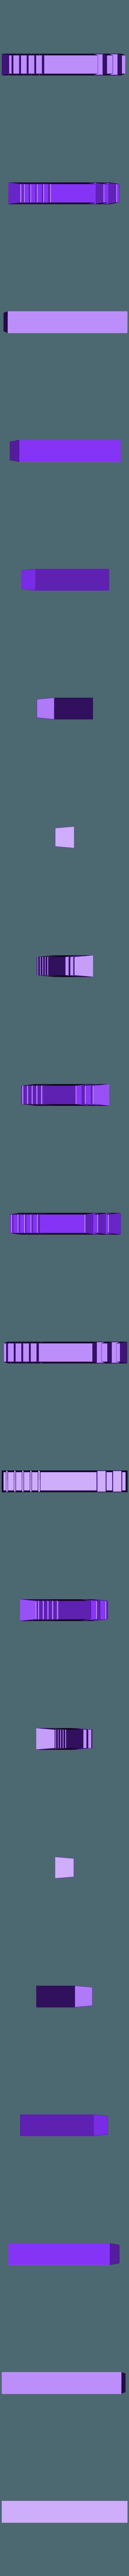 Divisore_cassetto.STL Download free STL file Kitchen Drawer Organizer • 3D printing template, Brignetti_Longoni